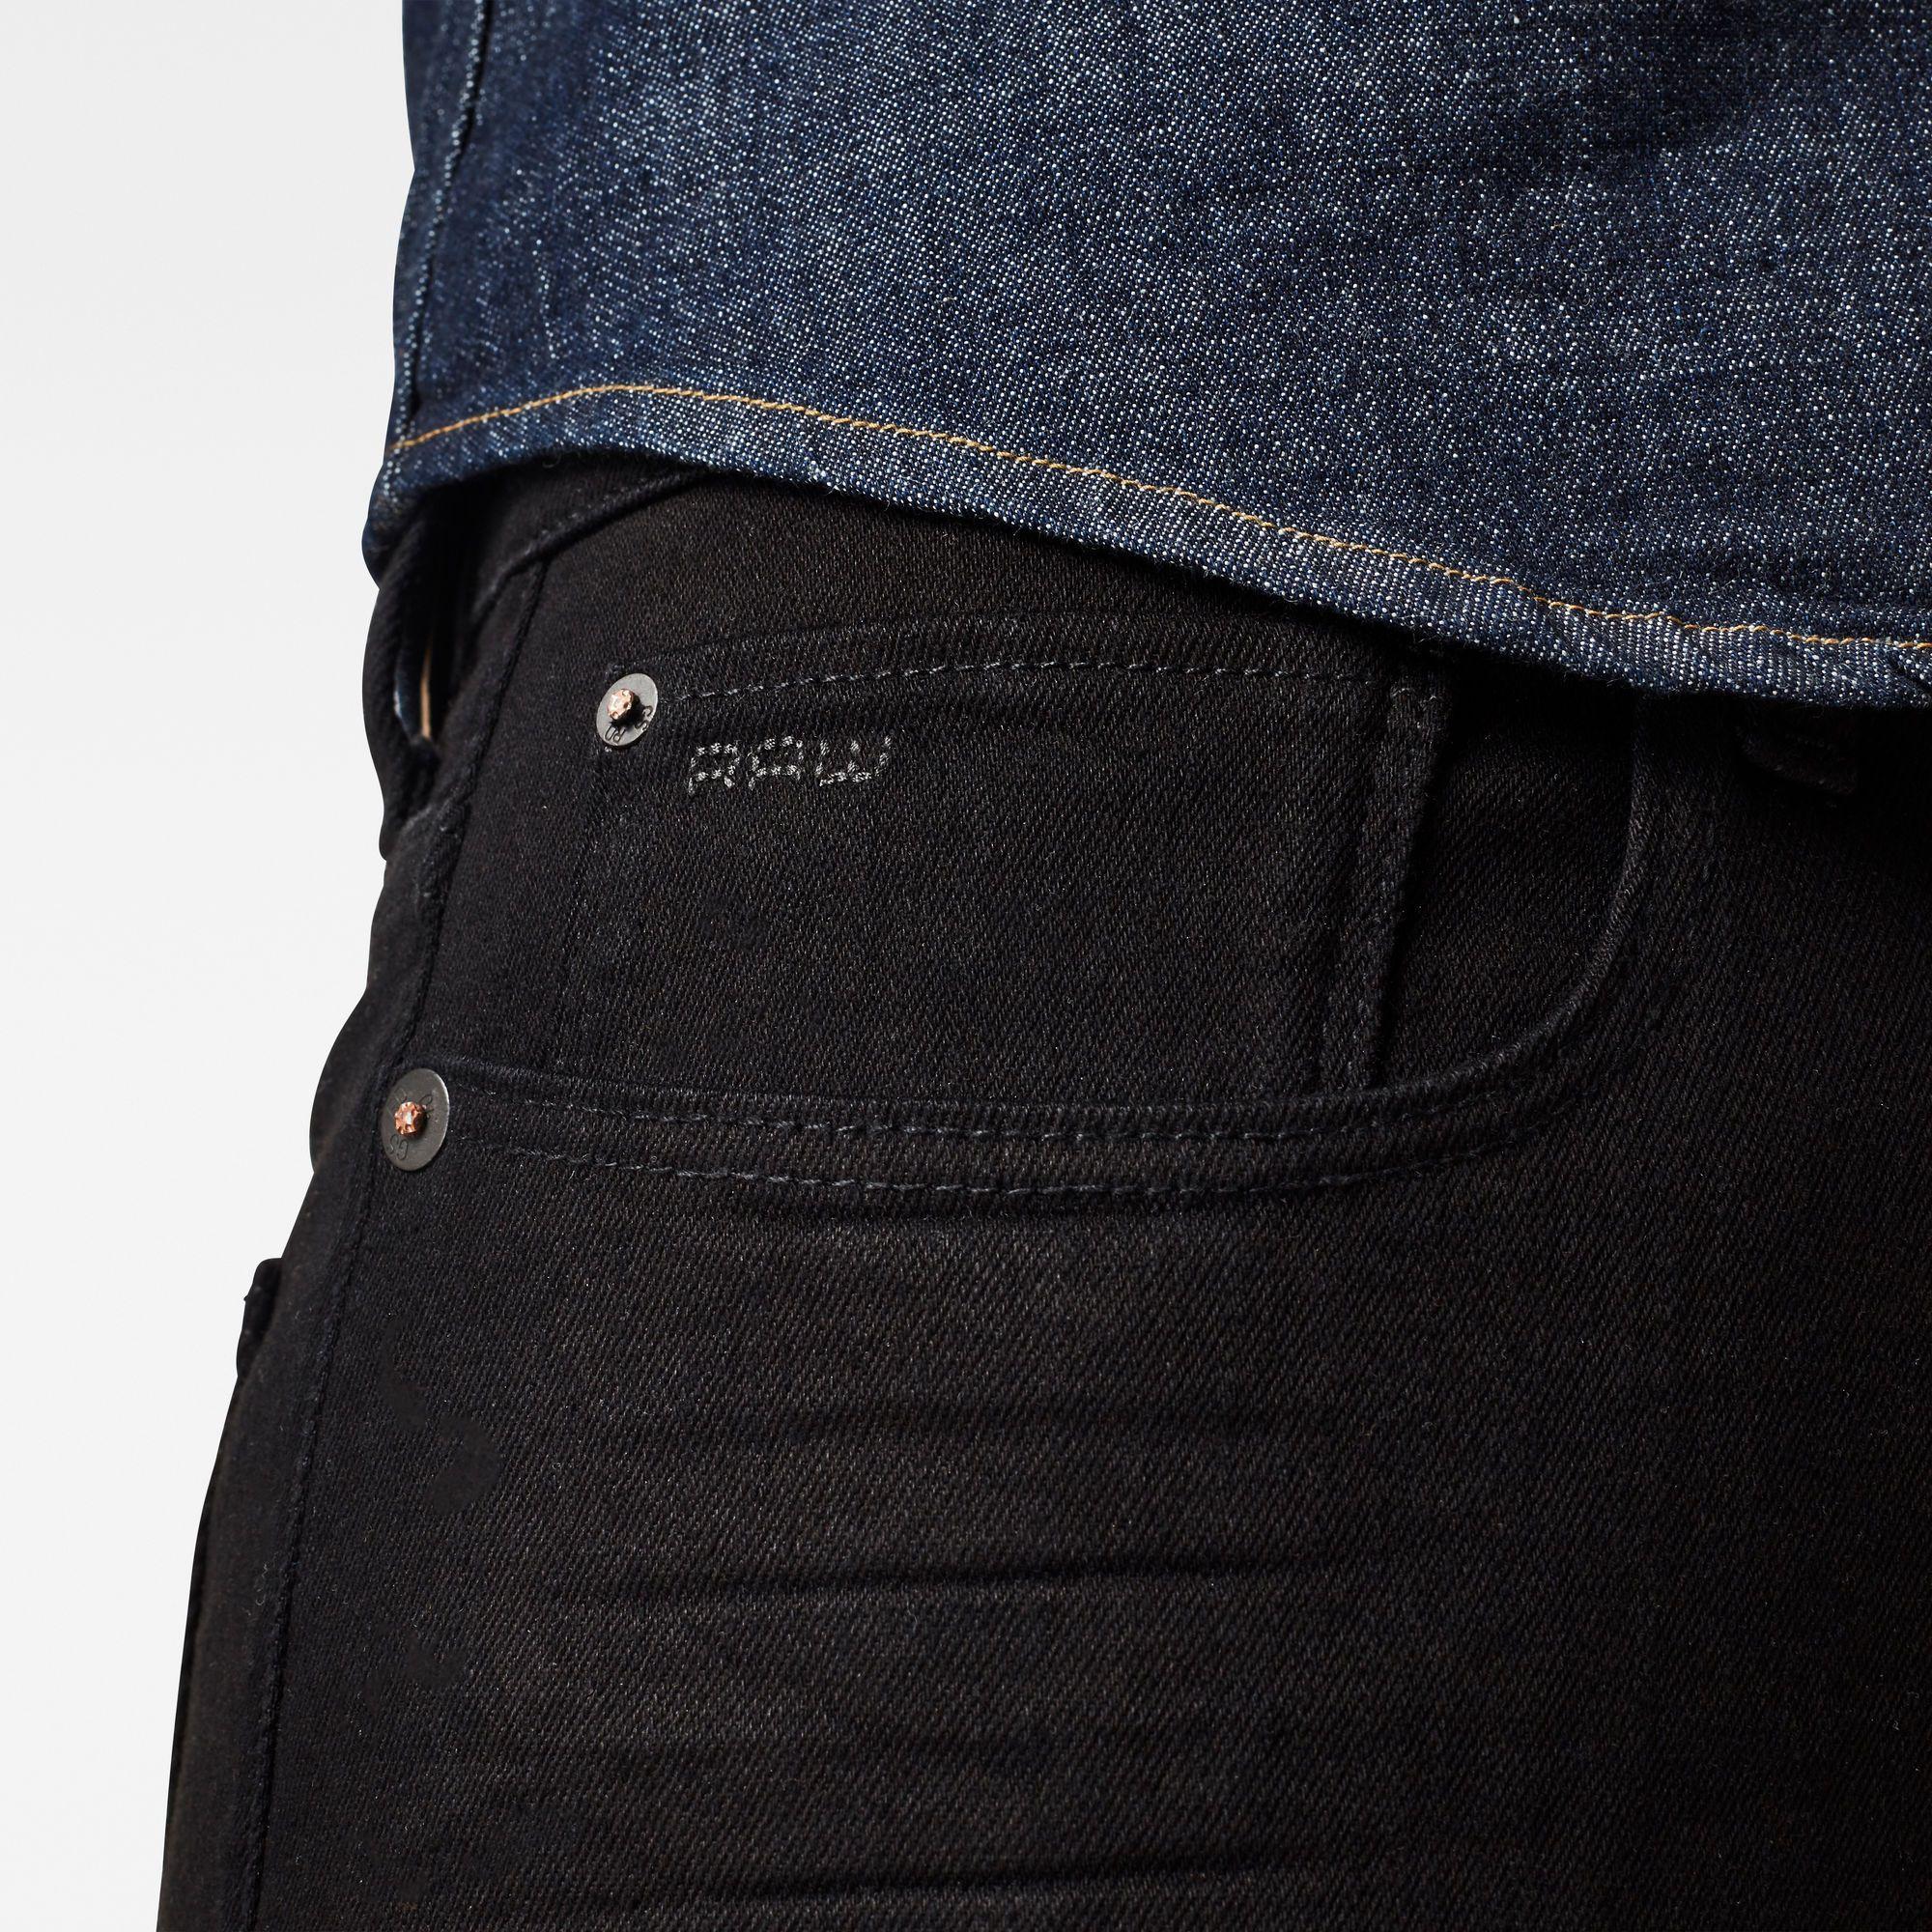 G-Star RAW 3301 Skinny Jeans